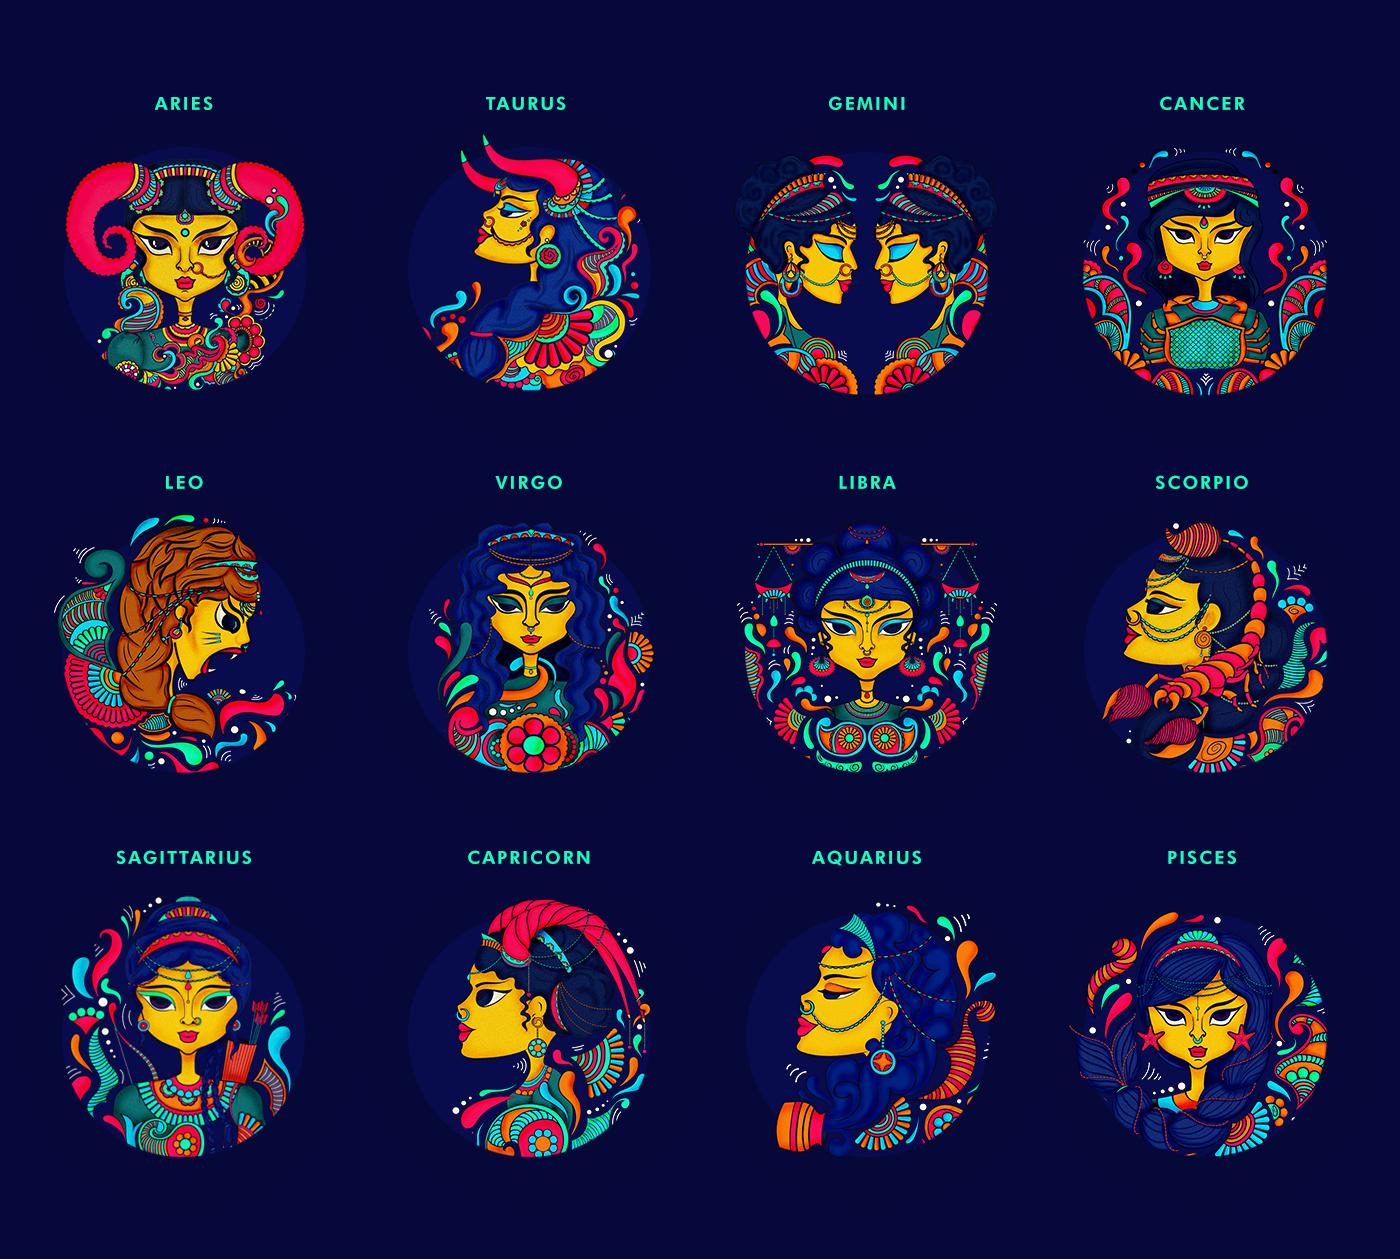 Collage of the zodiac symbols